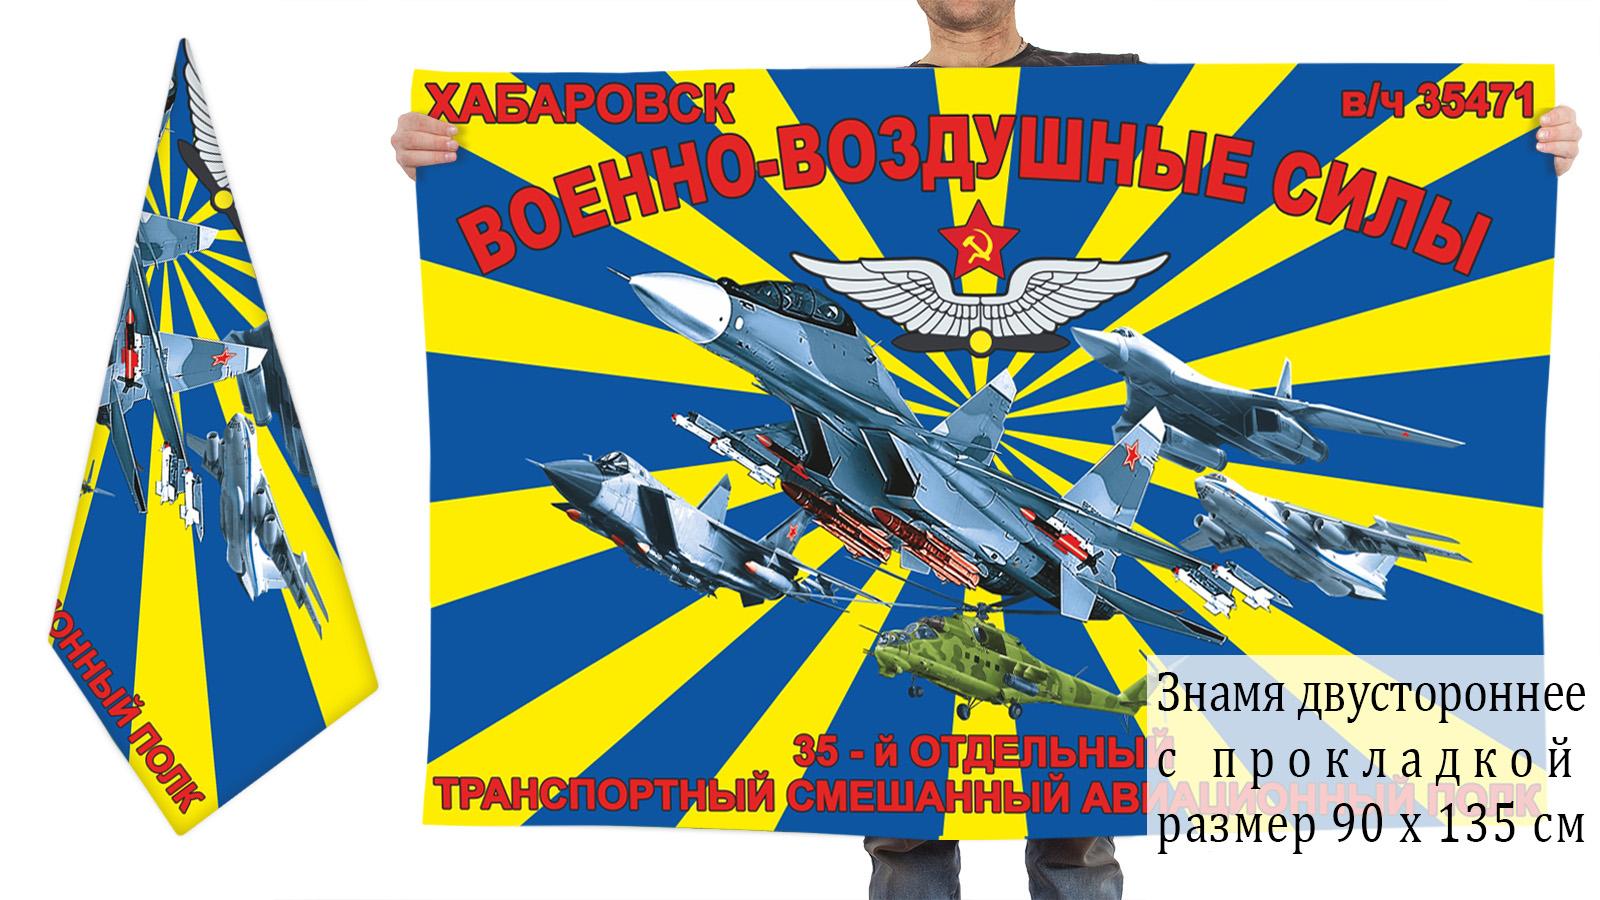 Купить в интернете ВВС флаг 35 отдельный транспортный смешанный авиаполк